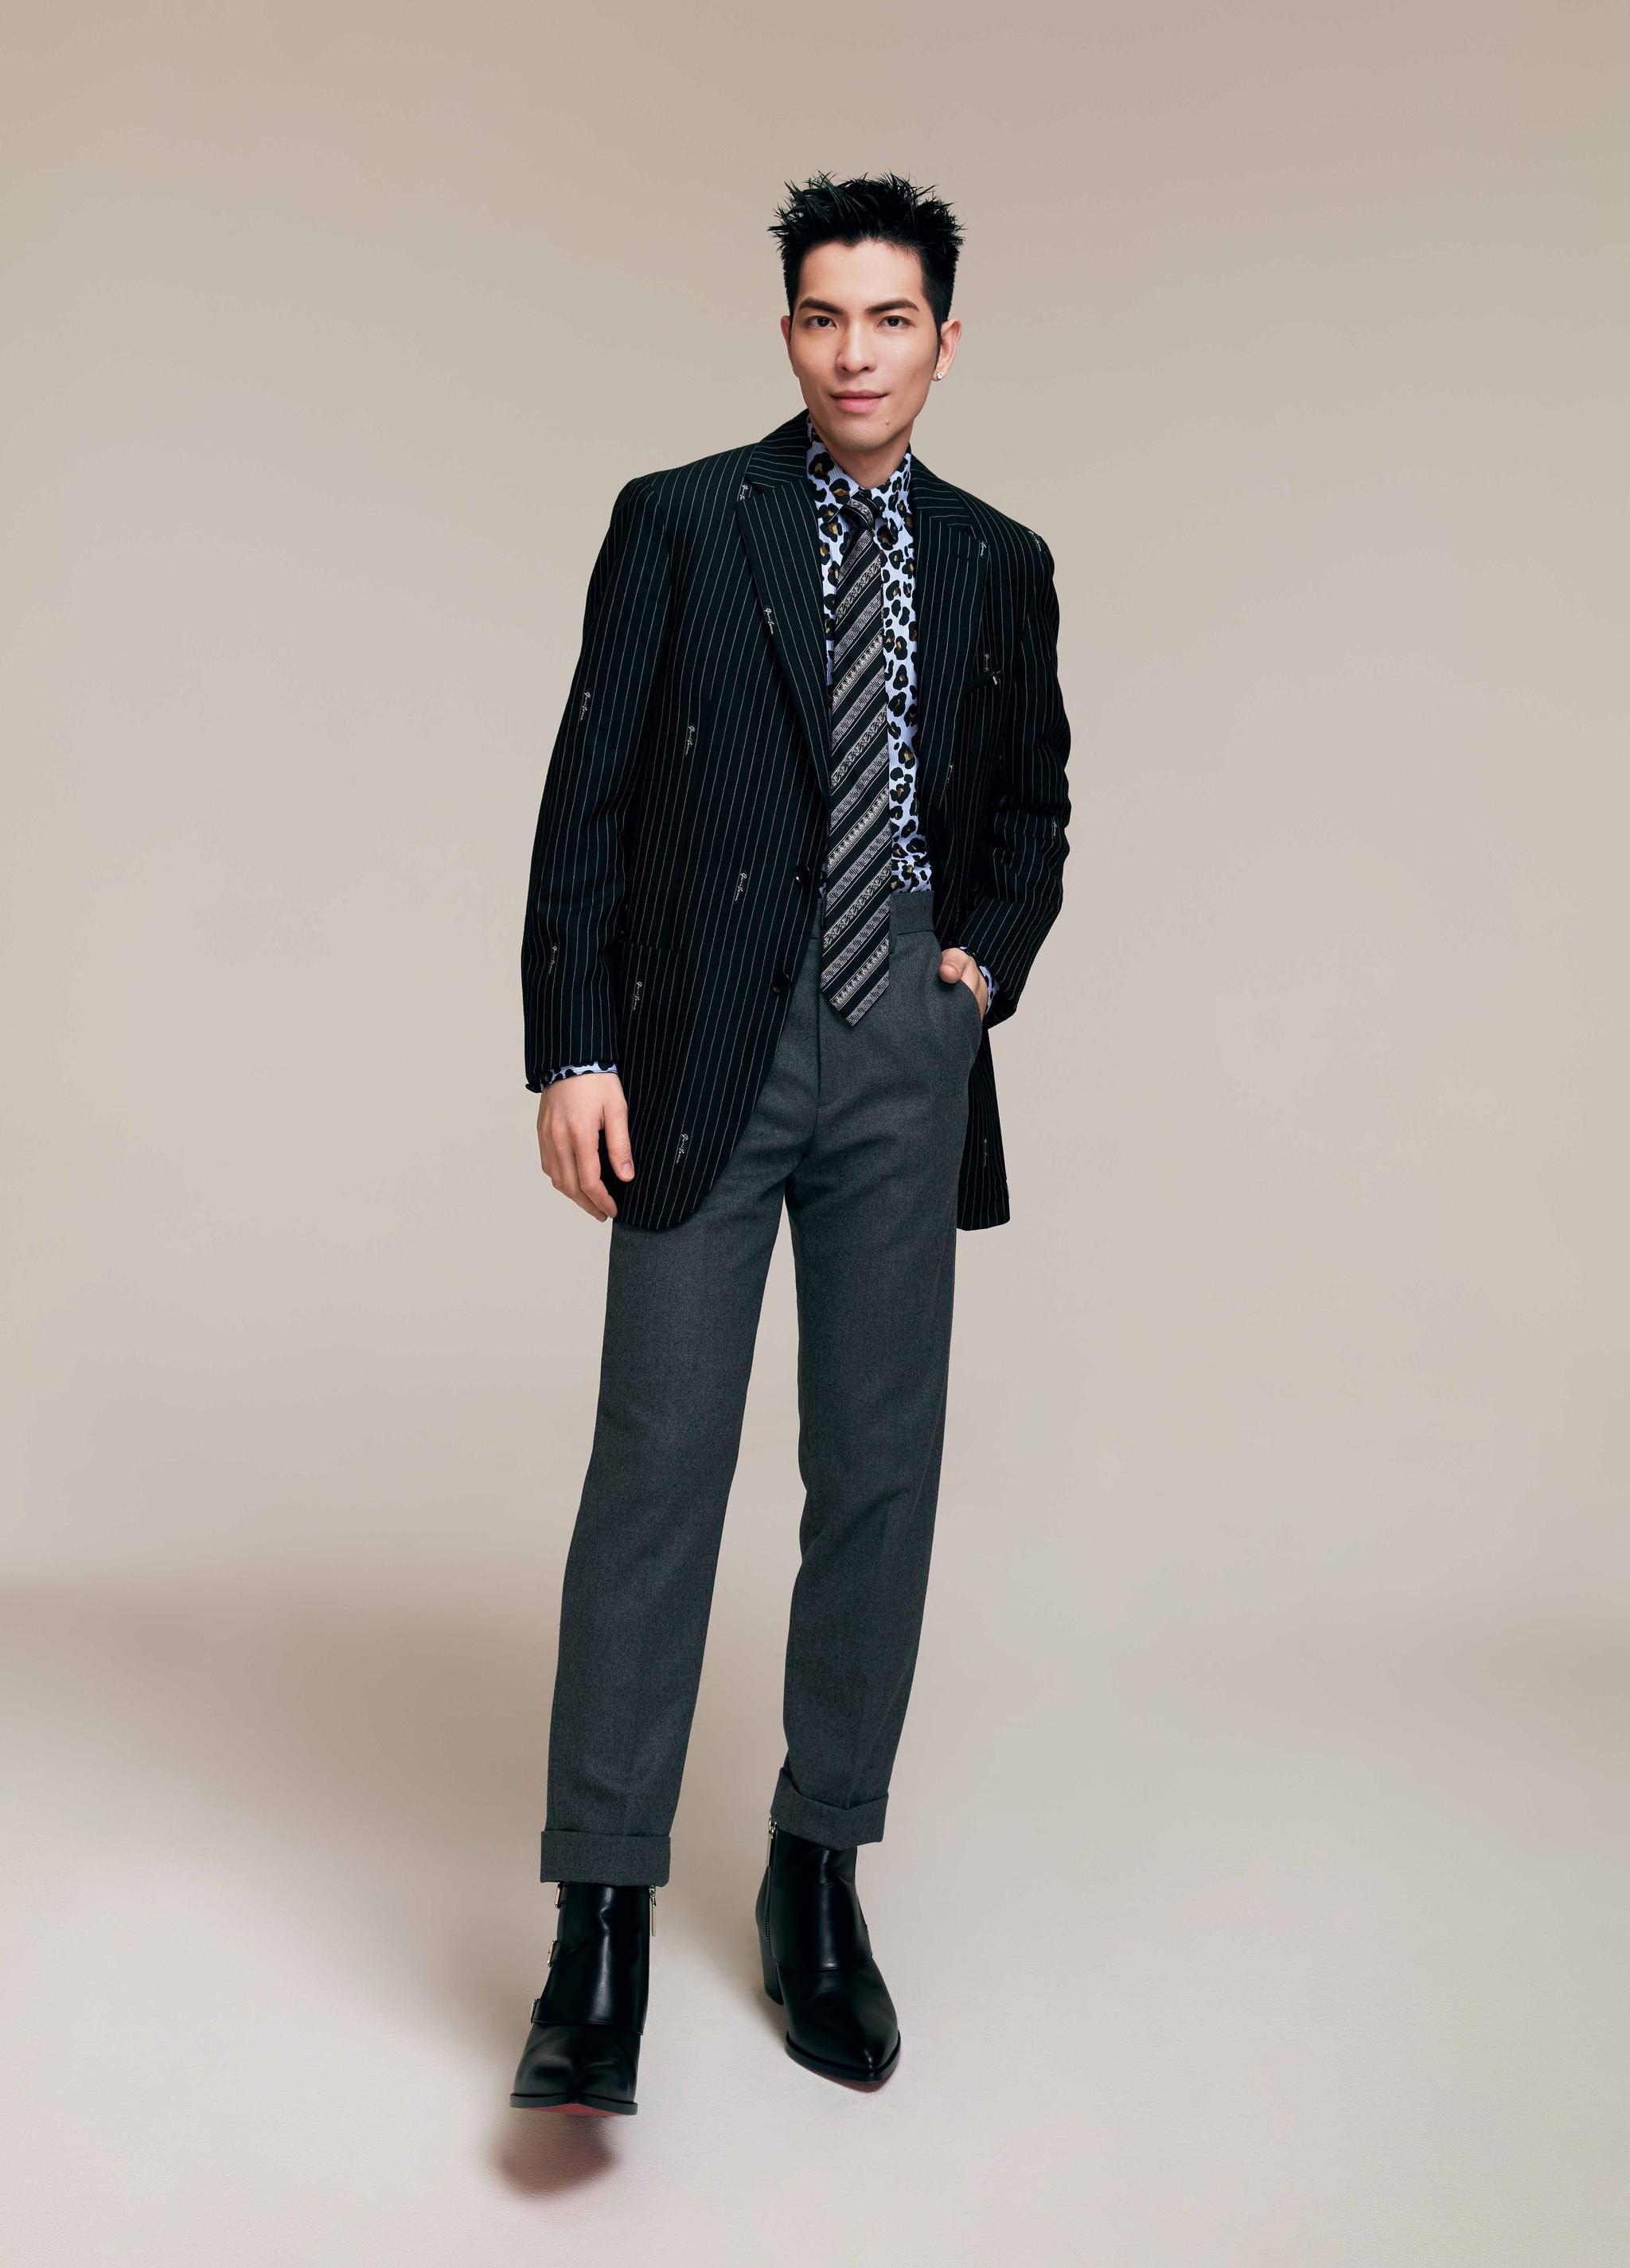 「金曲歌王」萧敬腾受邀为2021强档贺岁电影《跟你老婆去旅行》演唱主题曲〈不完美的我〉